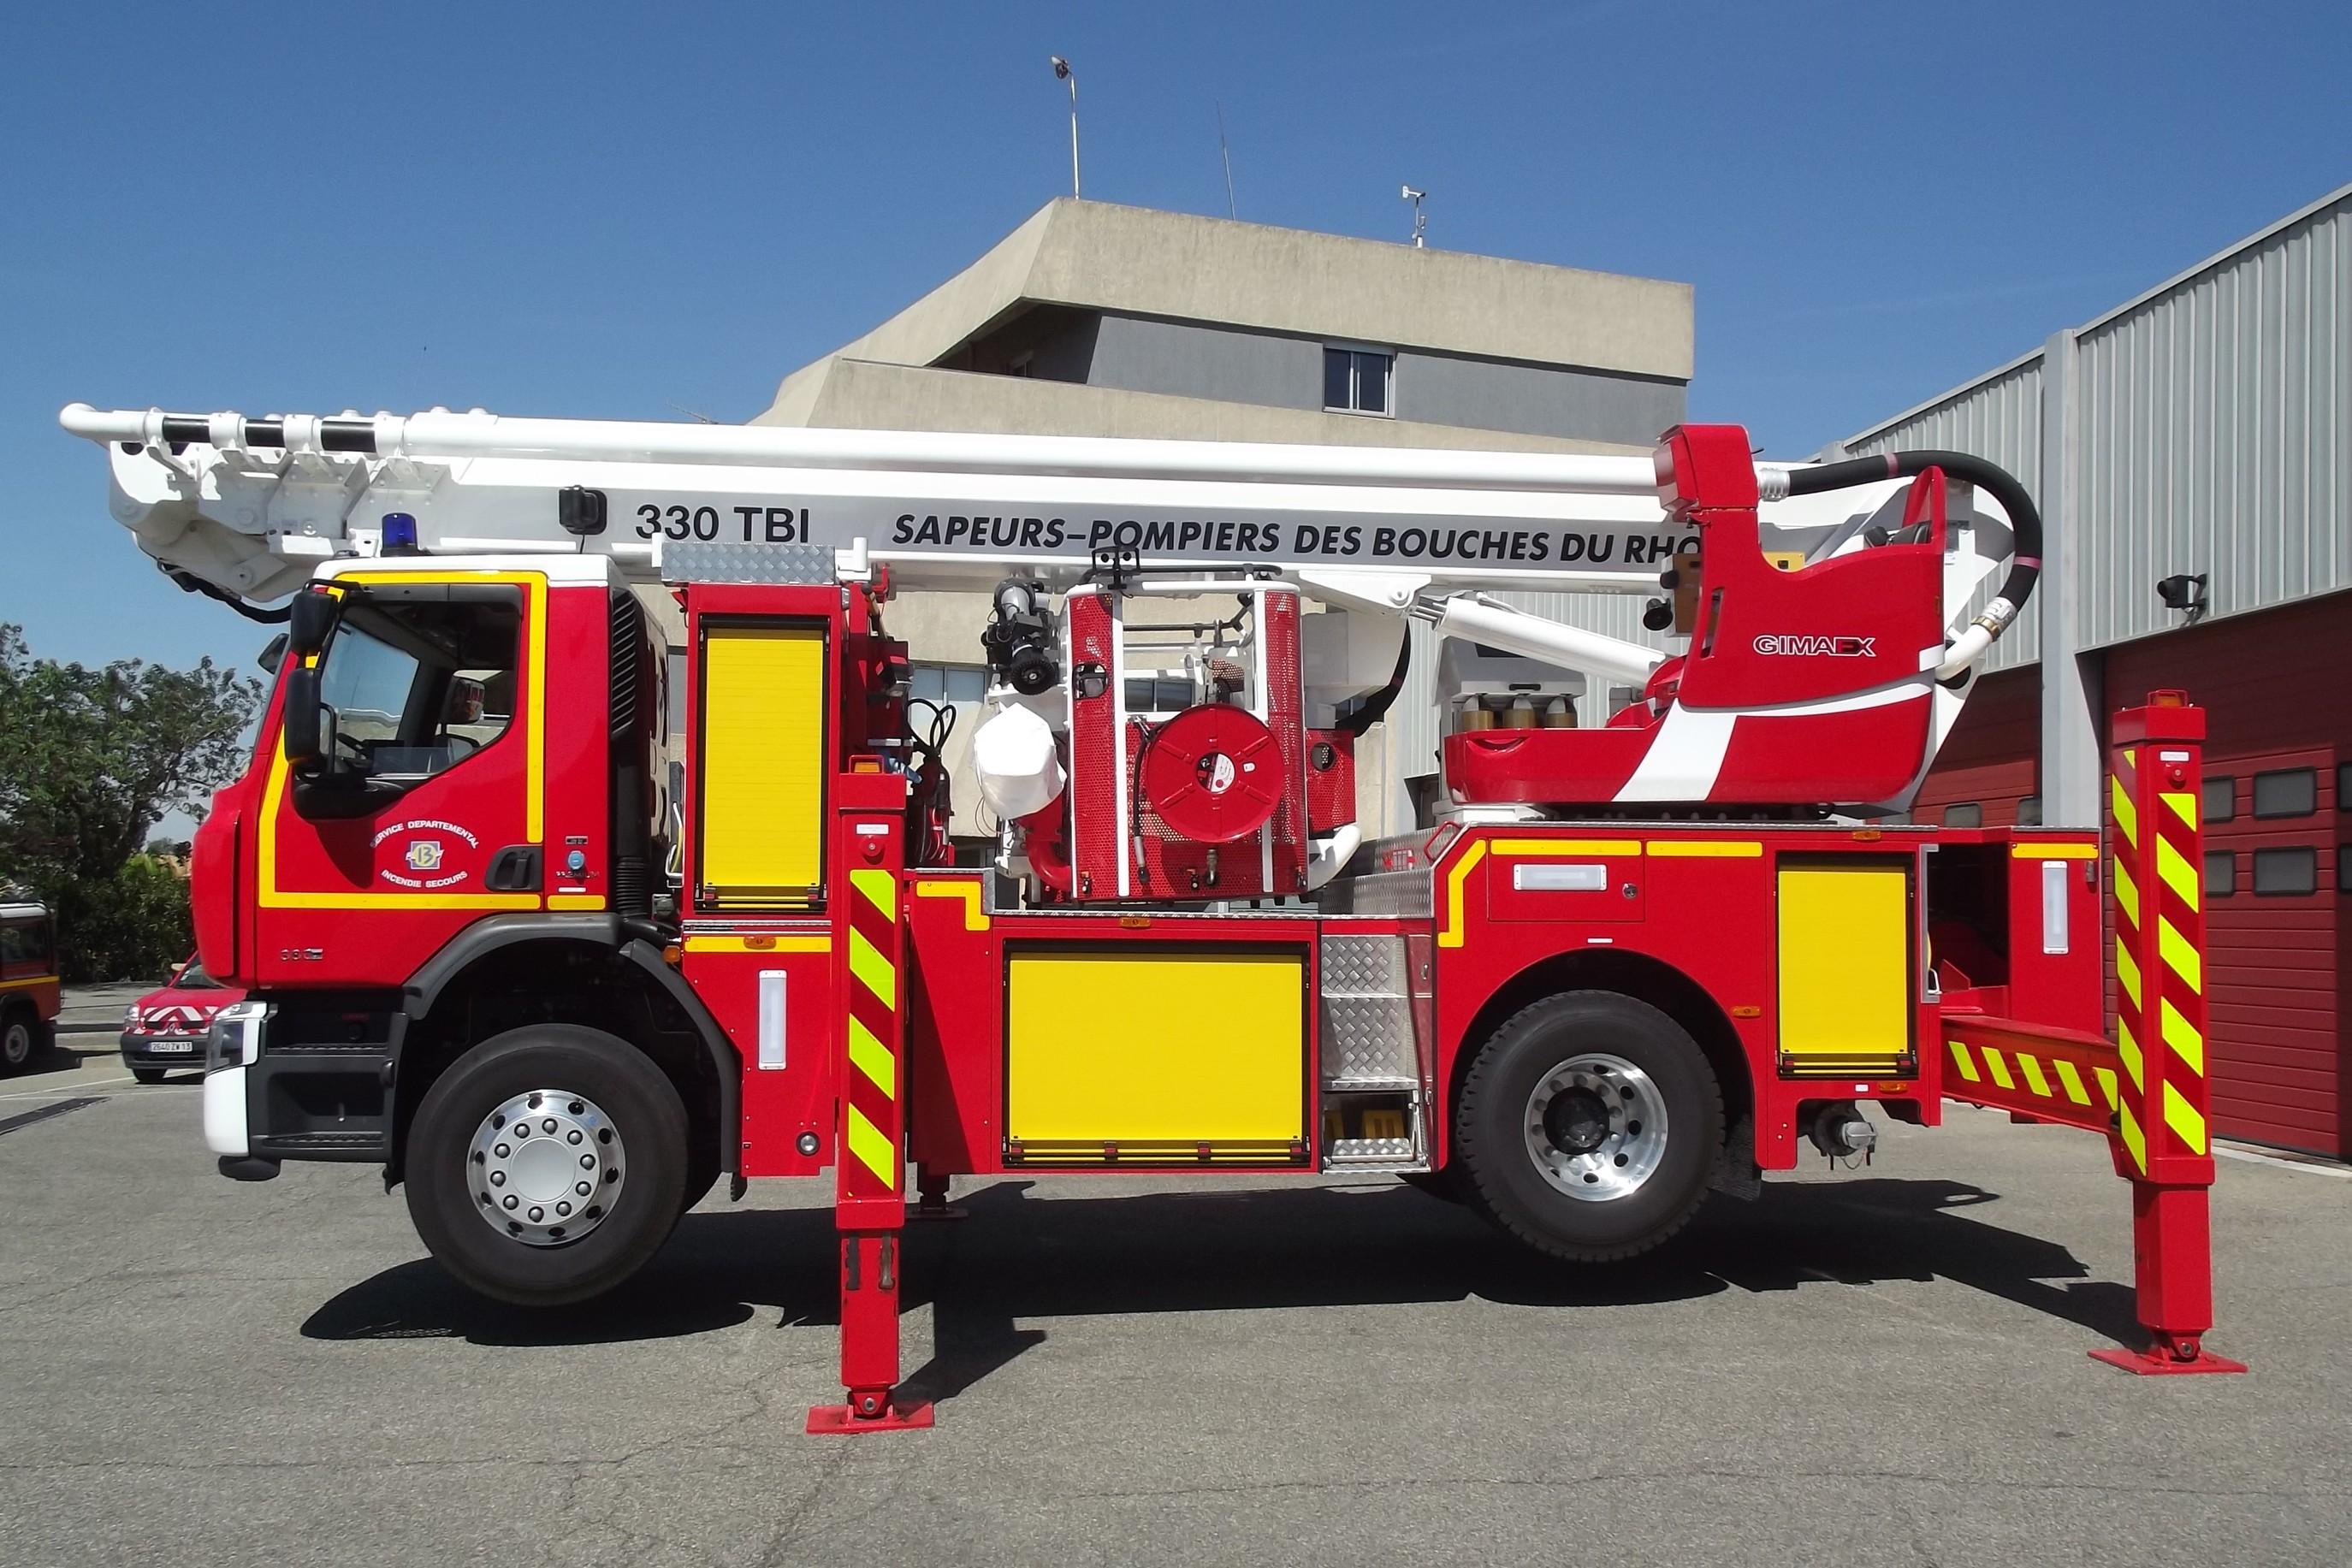 V hicules des pompiers fran ais page 1165 auto titre for Casse auto salon de provence